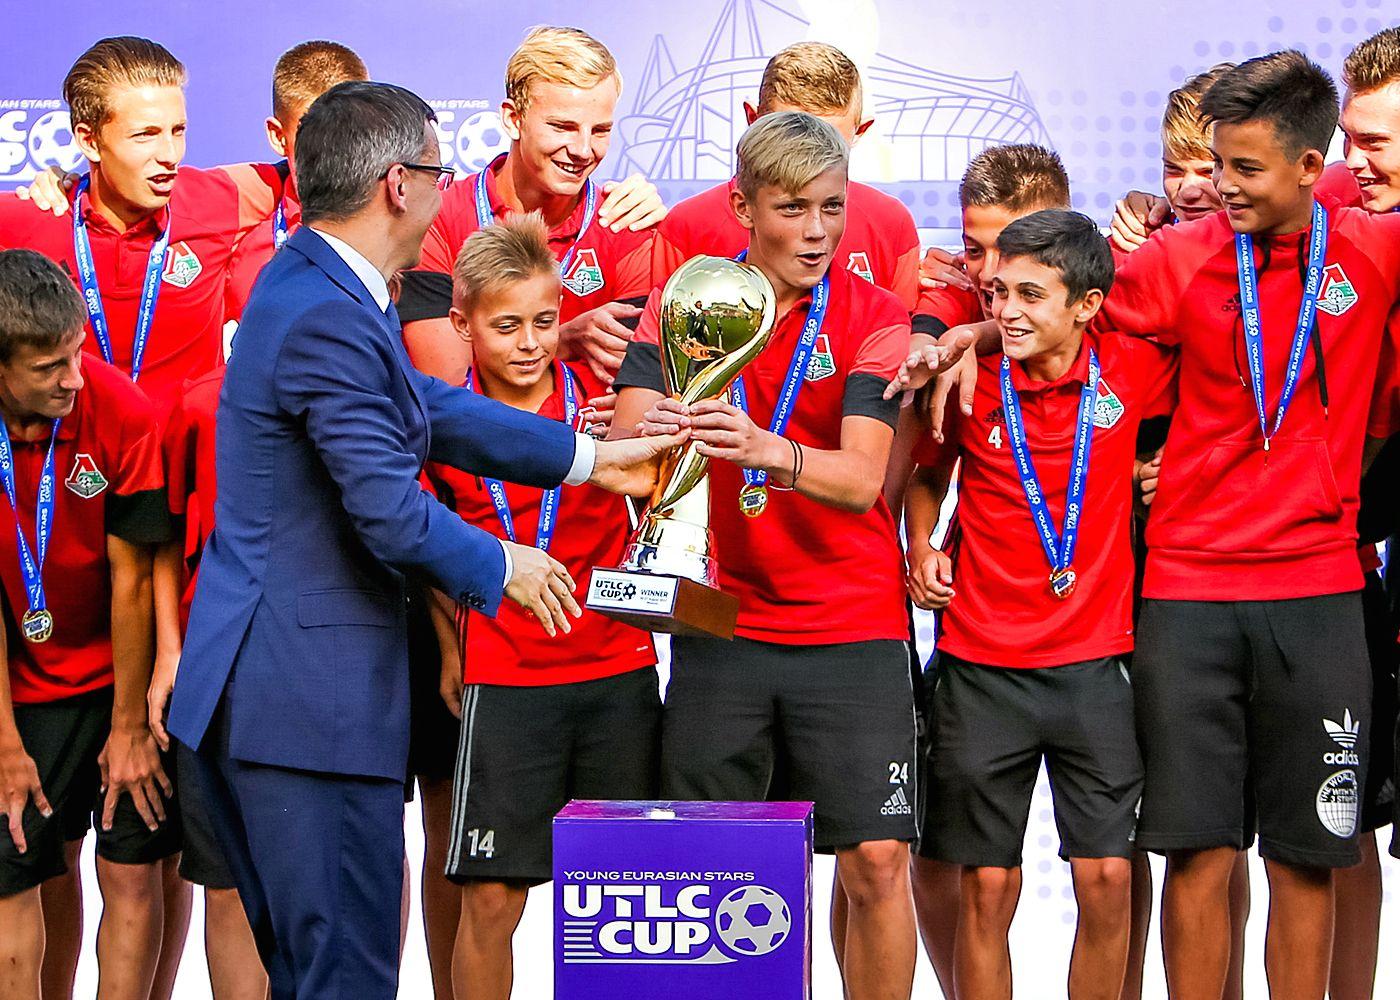 Международный футбольный турнир UTLC Cup 2018 среди юношей фото 2